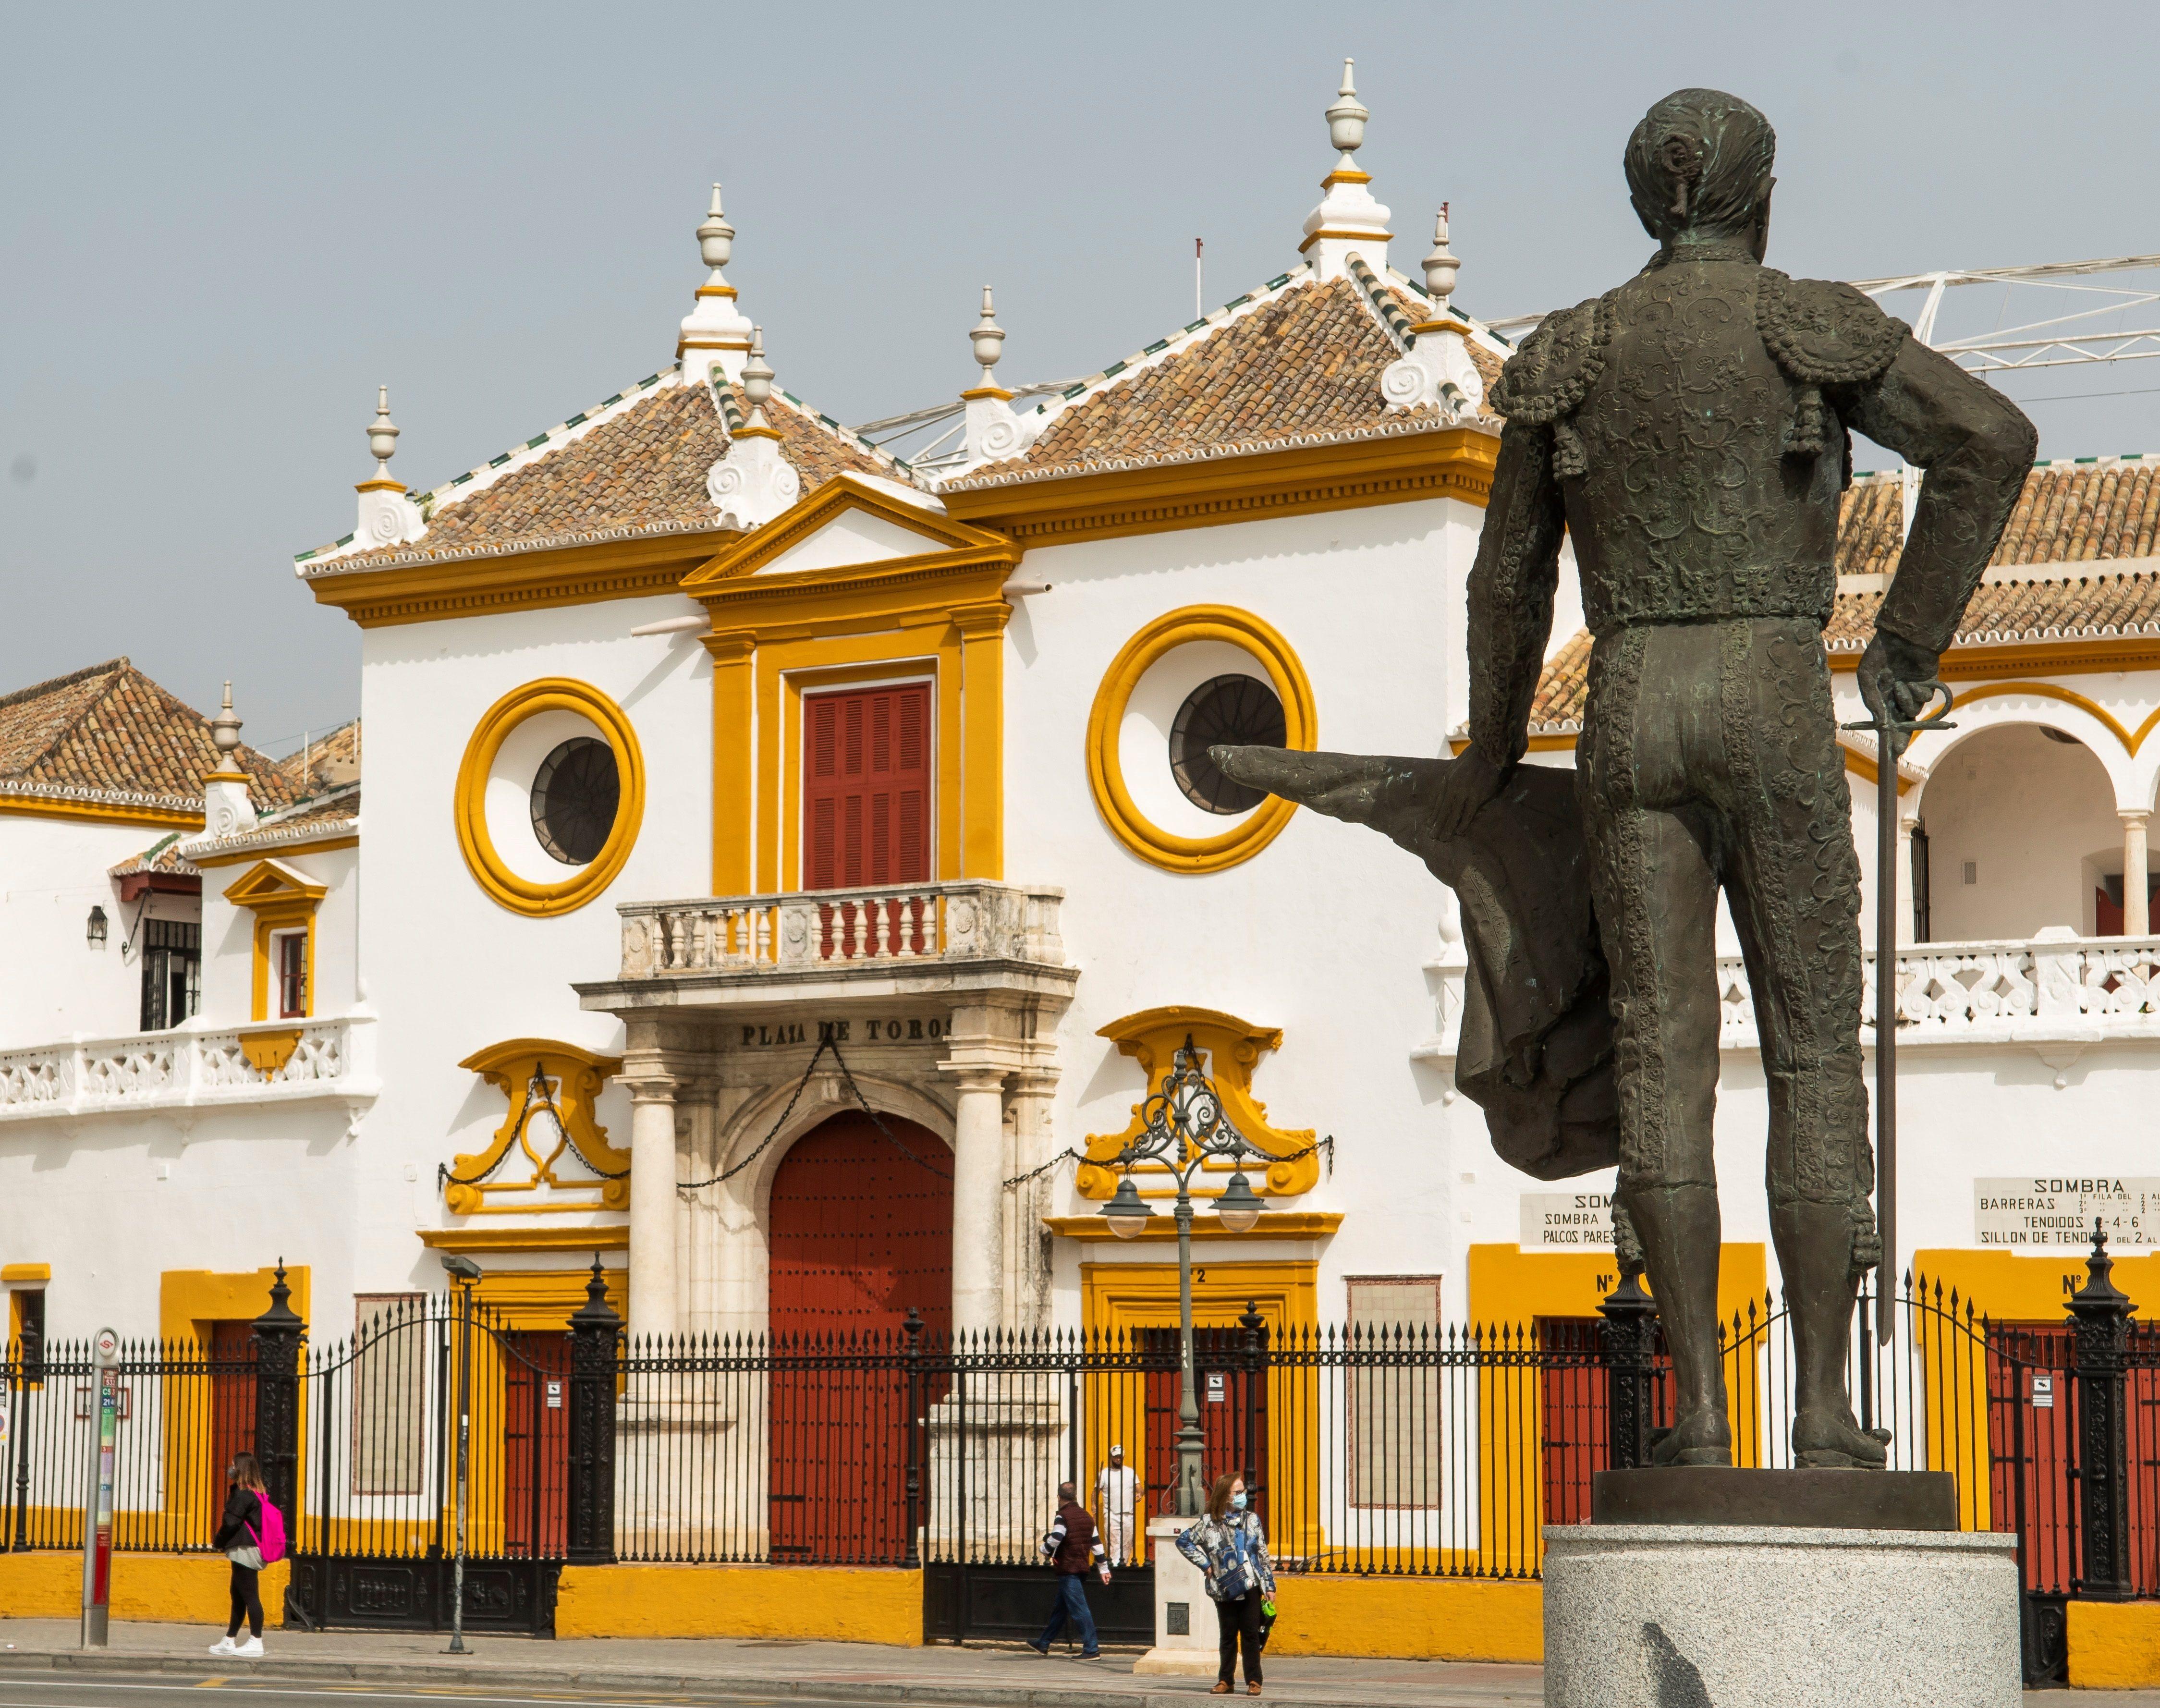 Las restricciones actuales en Sevilla harían inviable la Feria de Abril